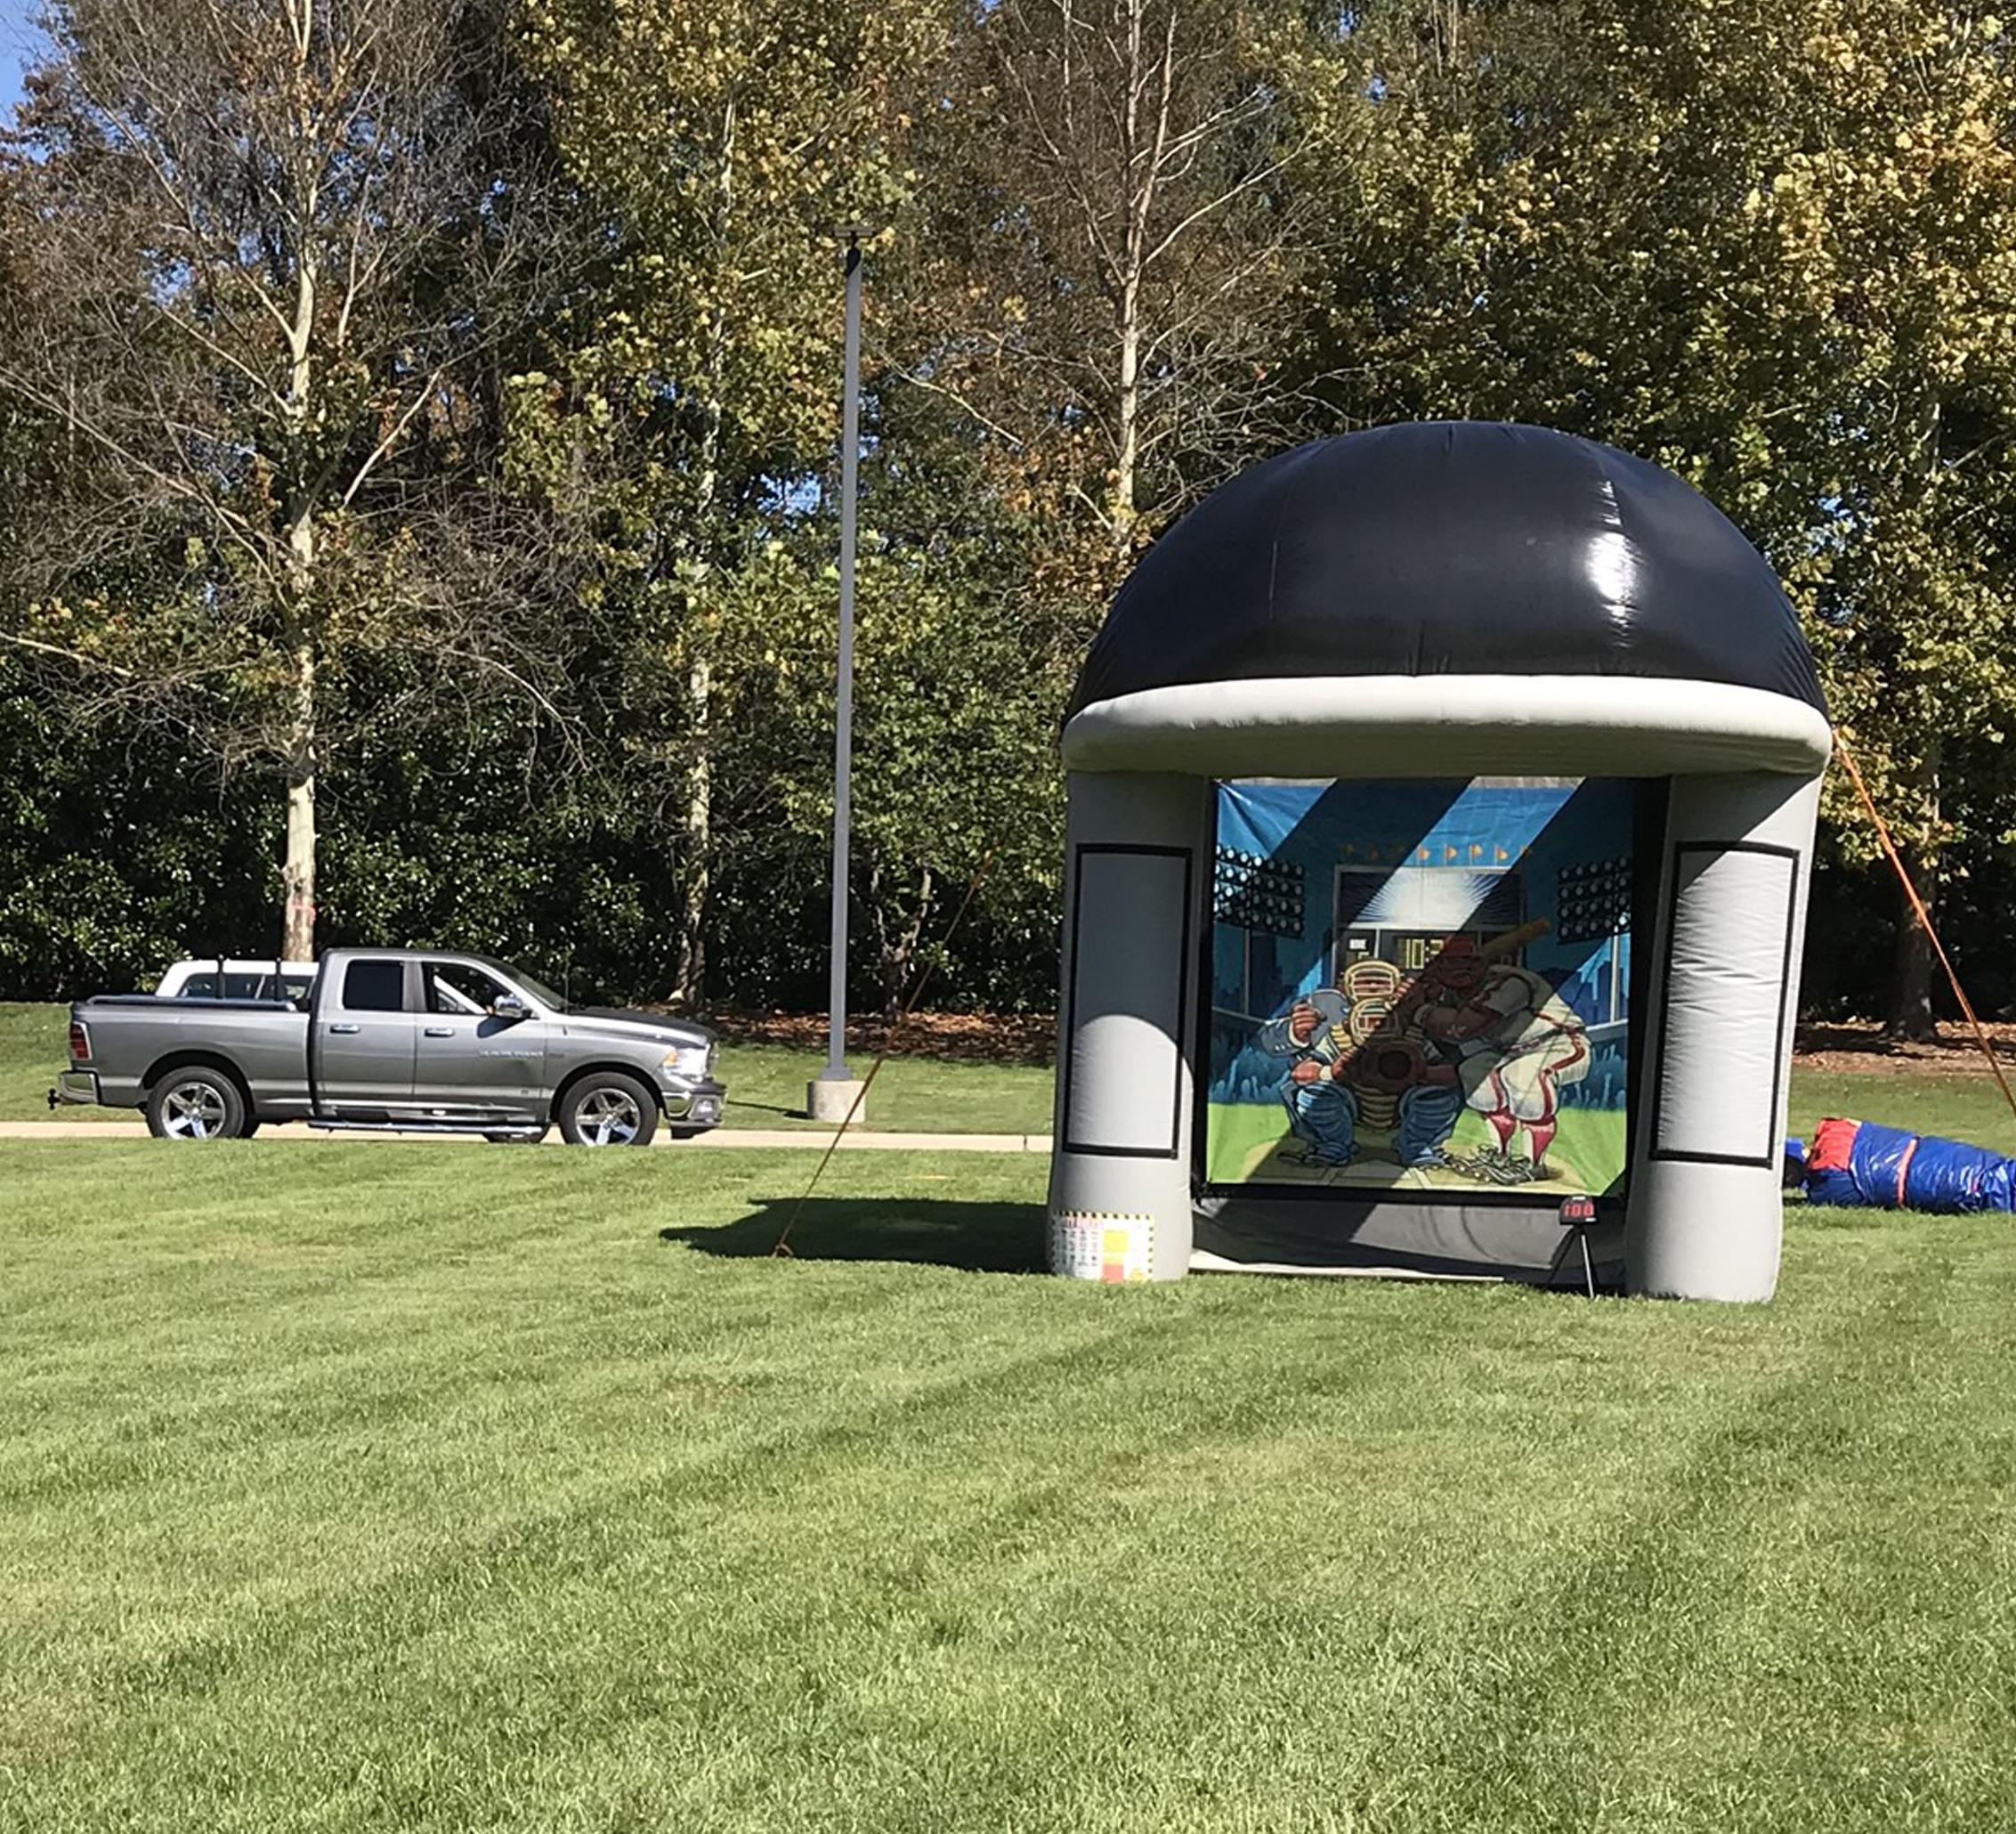 inflatable baseball game rental chattanooga